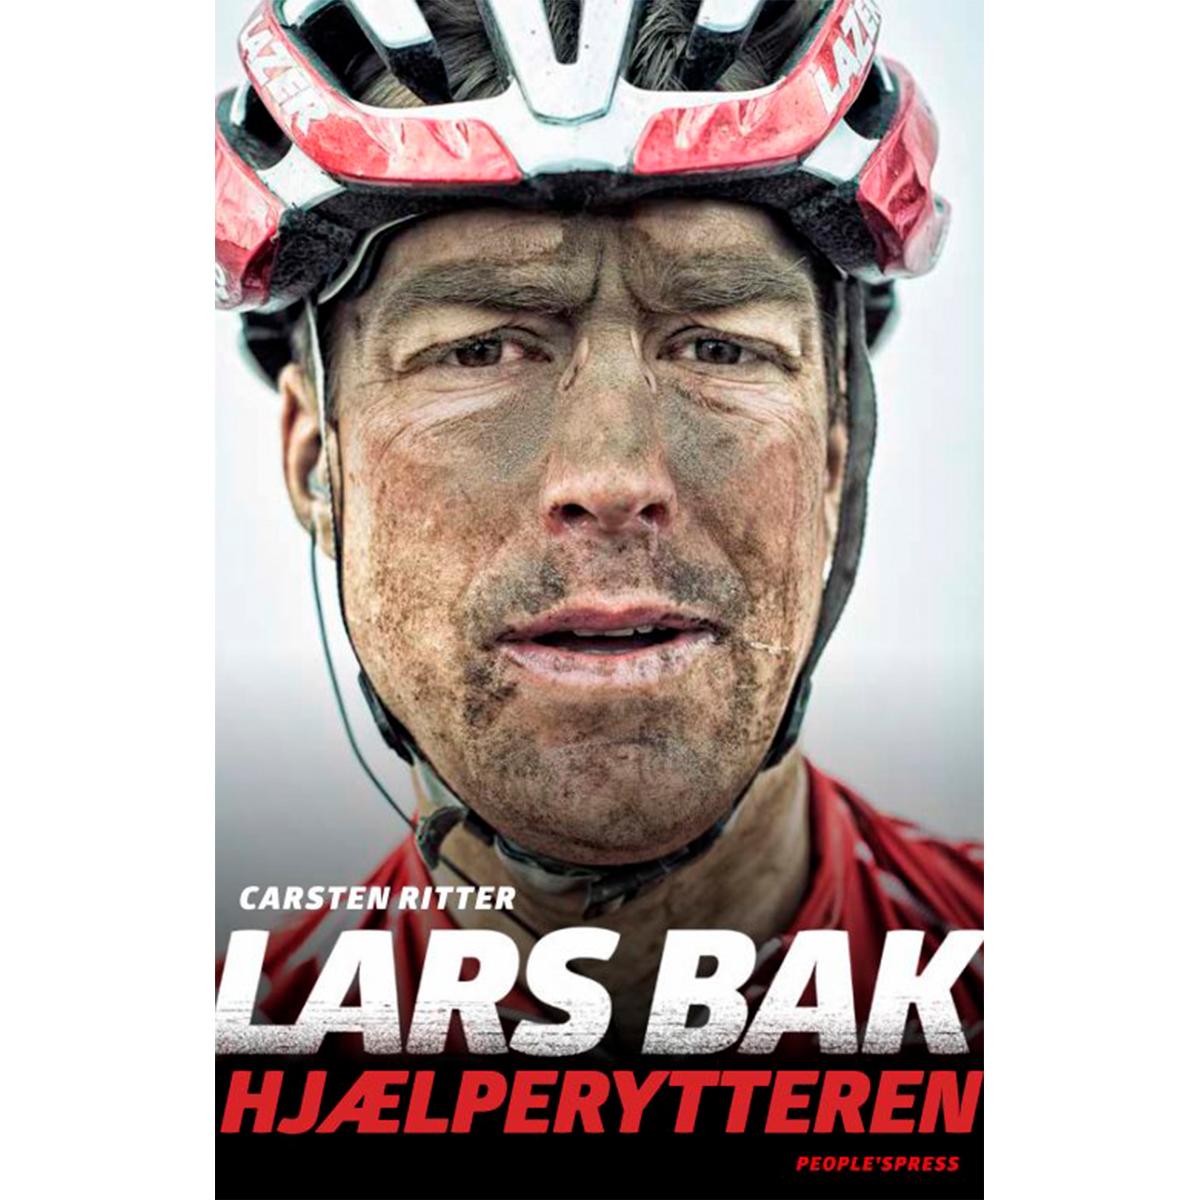 Lars Bak - Hjælperytteren - Hæftet